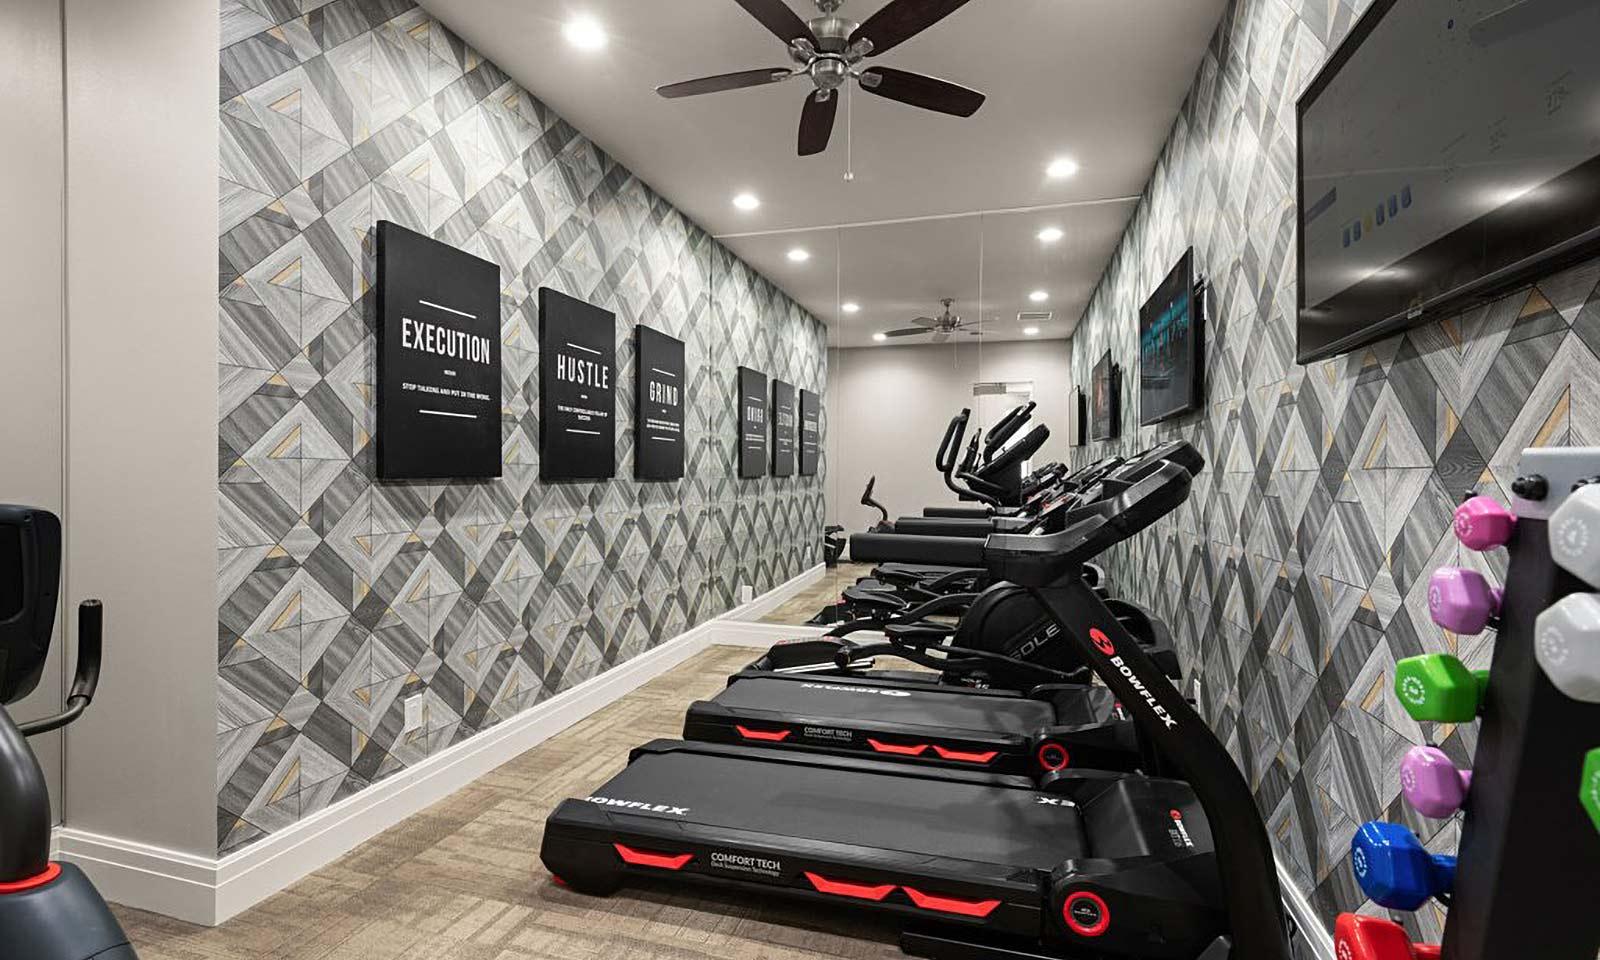 [amenities:Gym:2] Gym